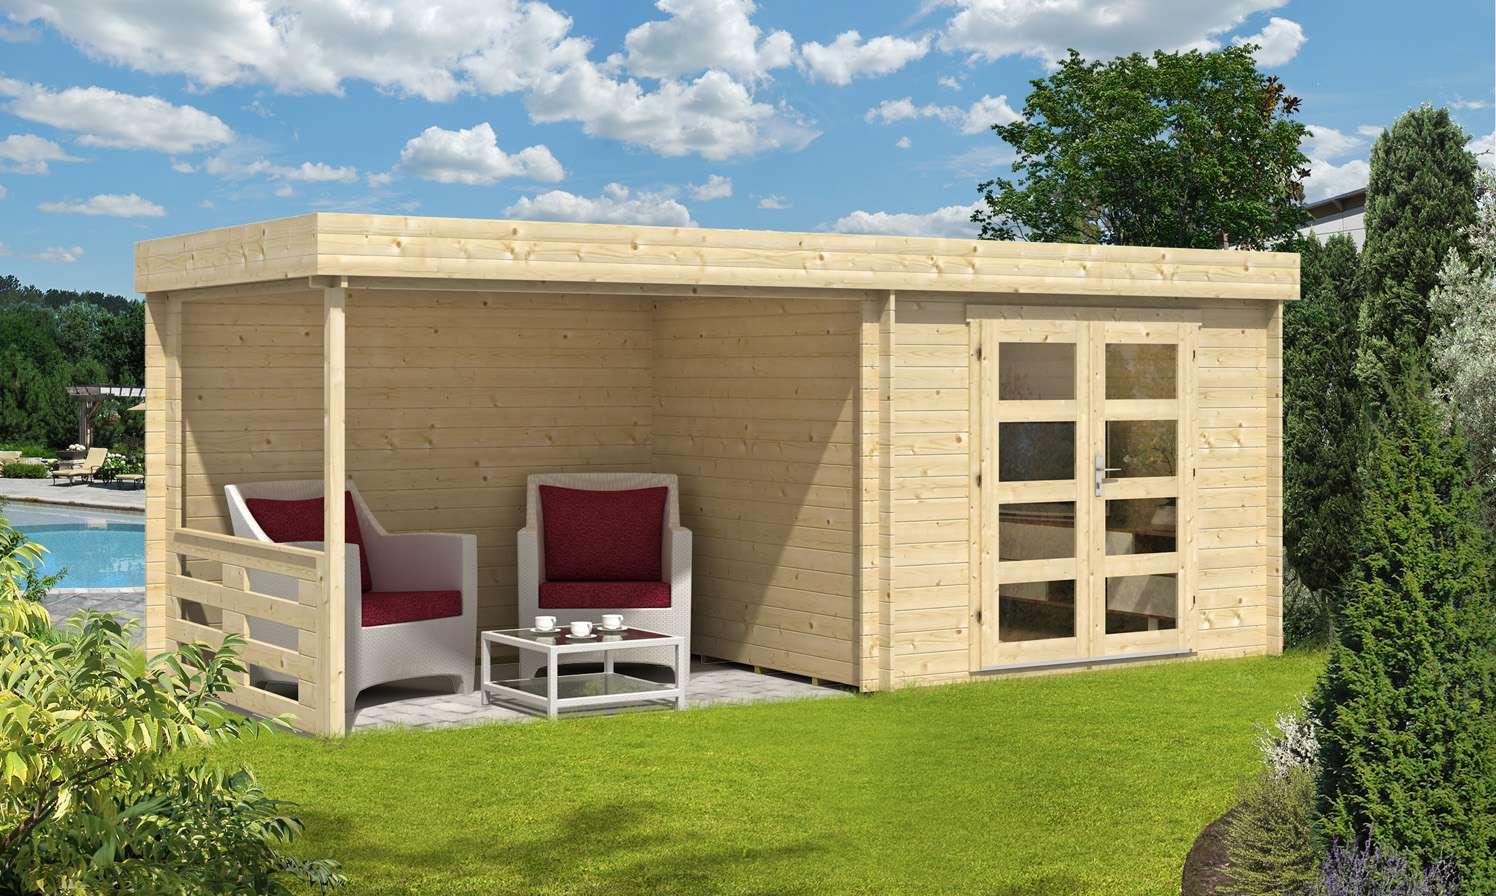 fabulous gartenhaus mit flachdach gnstig kaufen 0 versandkosten jk63 - Fantastisch Moderne Gartenhuser